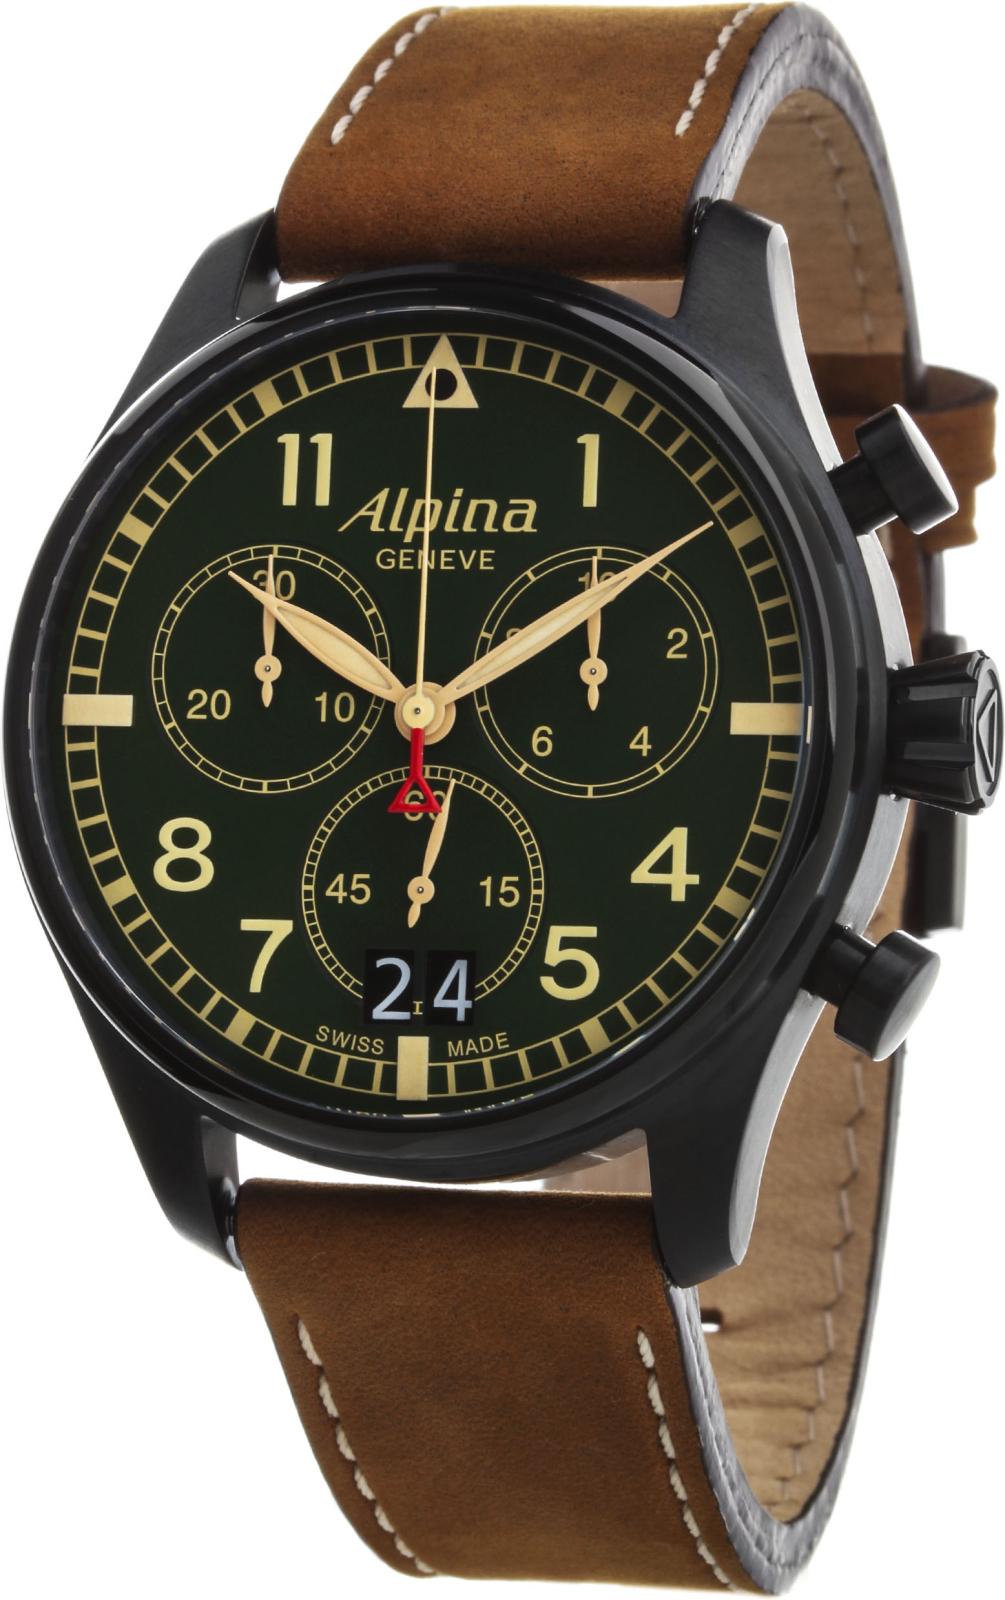 Alpina Startimer AL-372GR4FBS6Наручные часы<br>Швейцарские часы Alpina Startimer AL-372GR4FBS6<br><br>Для кого?: Мужские<br>Страна-производитель: Швейцария<br>Механизм: Кварцевый<br>Материал корпуса: Сталь<br>Материал ремня/браслета: Кожа<br>Водозащита, диапазон: None<br>Стекло: Сапфировое<br>Толщина корпуса: 13 мм<br>Стиль: None